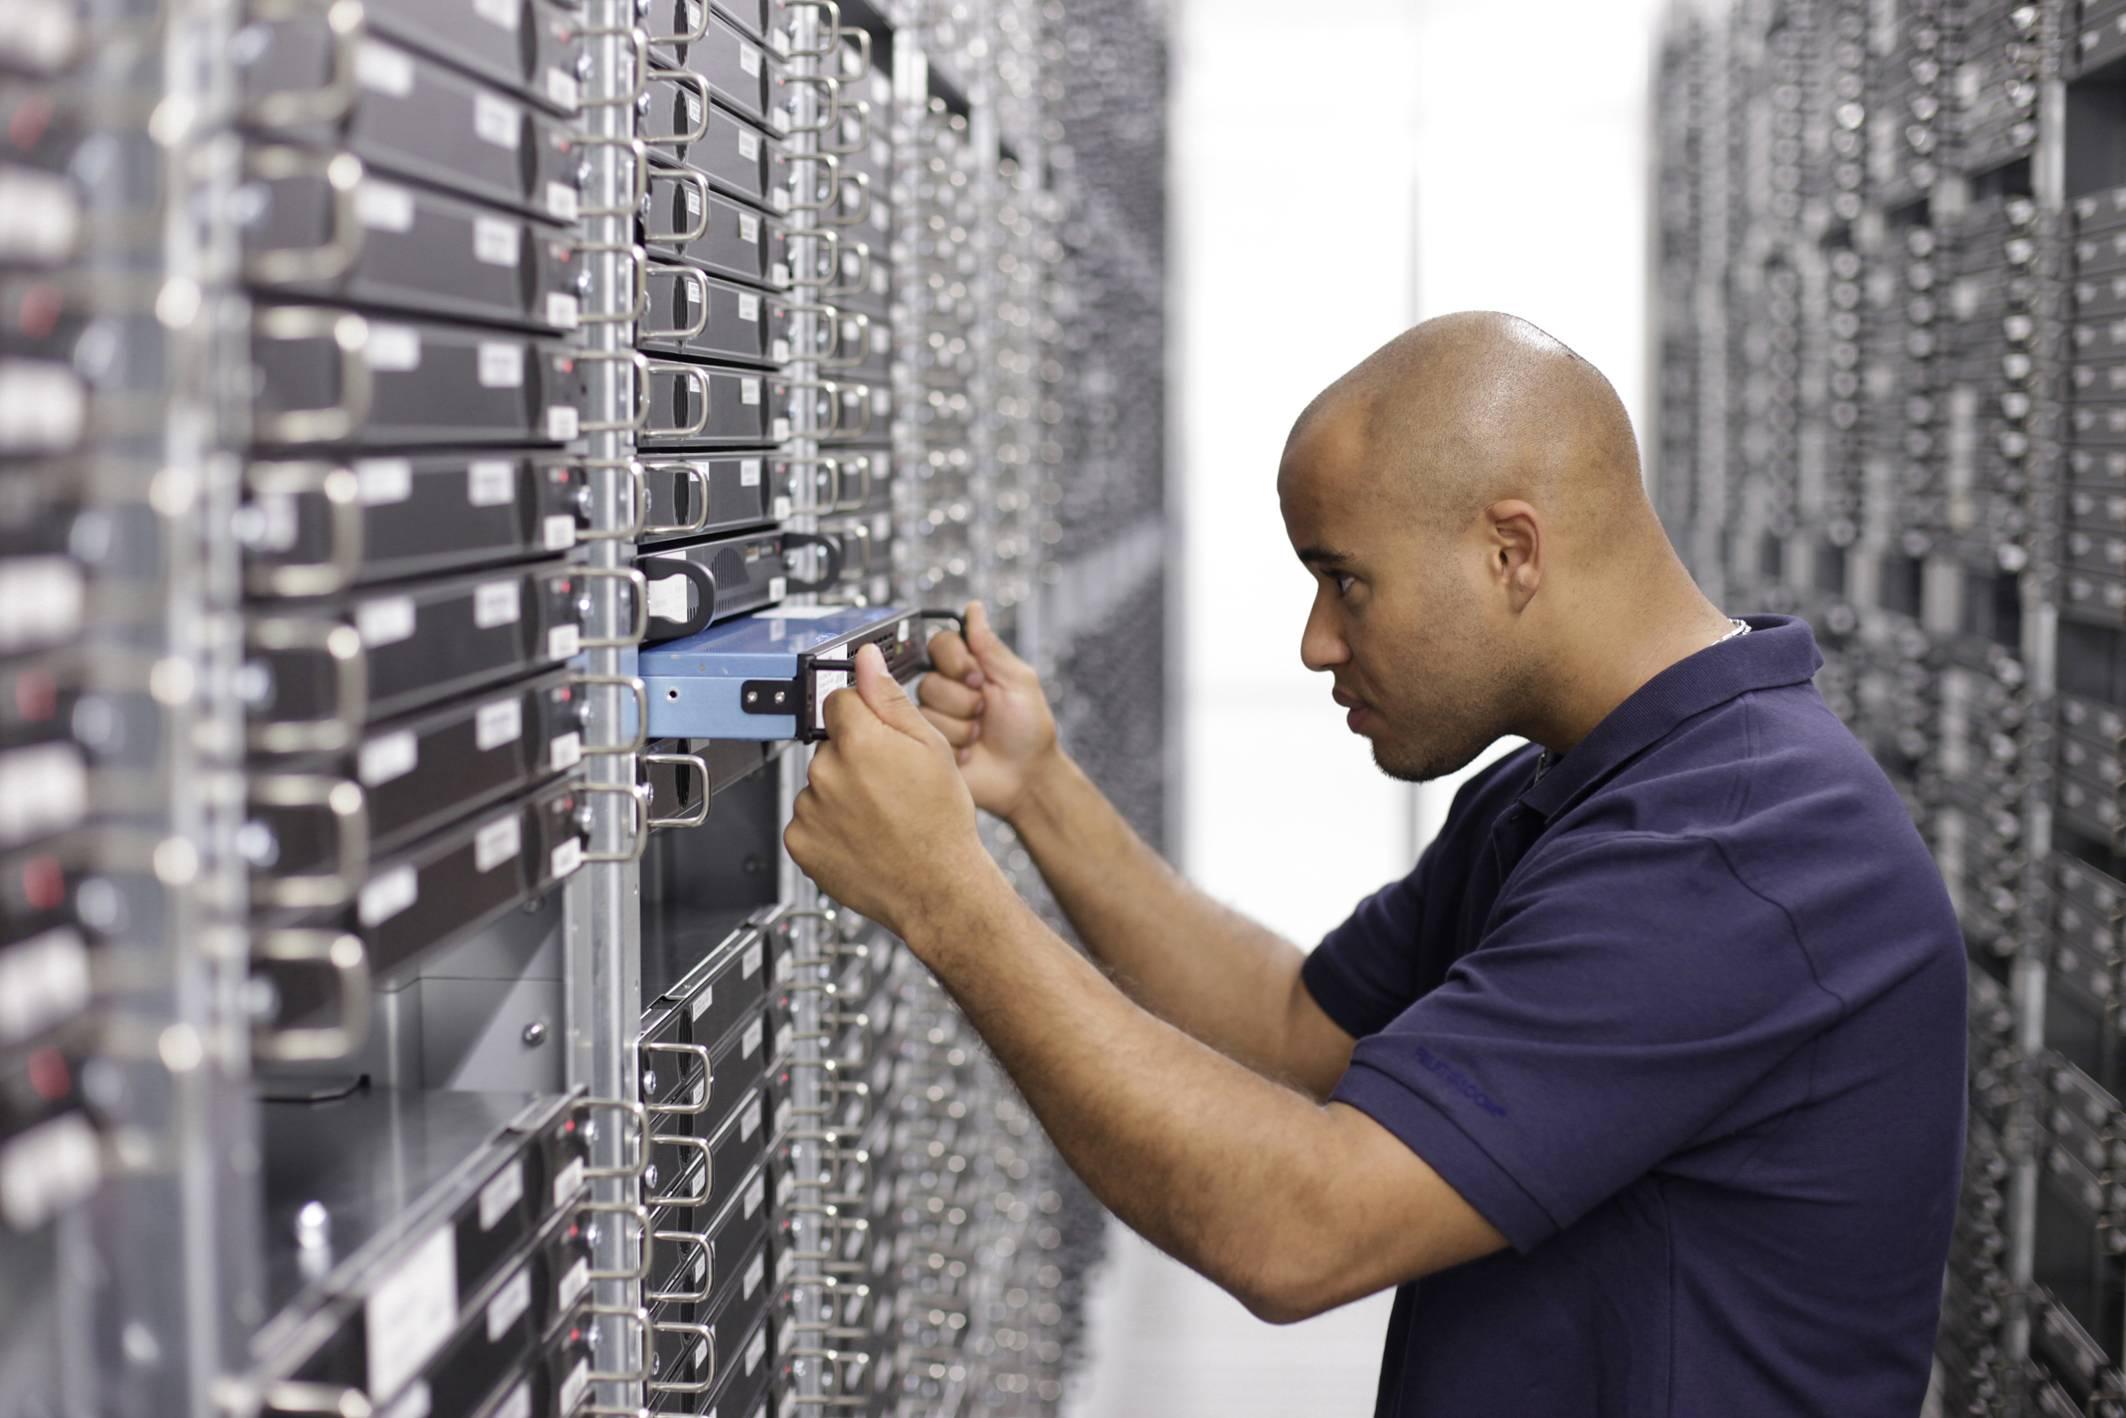 STRATO Mitarbeiter hebt einen Server zurück in ein Rack